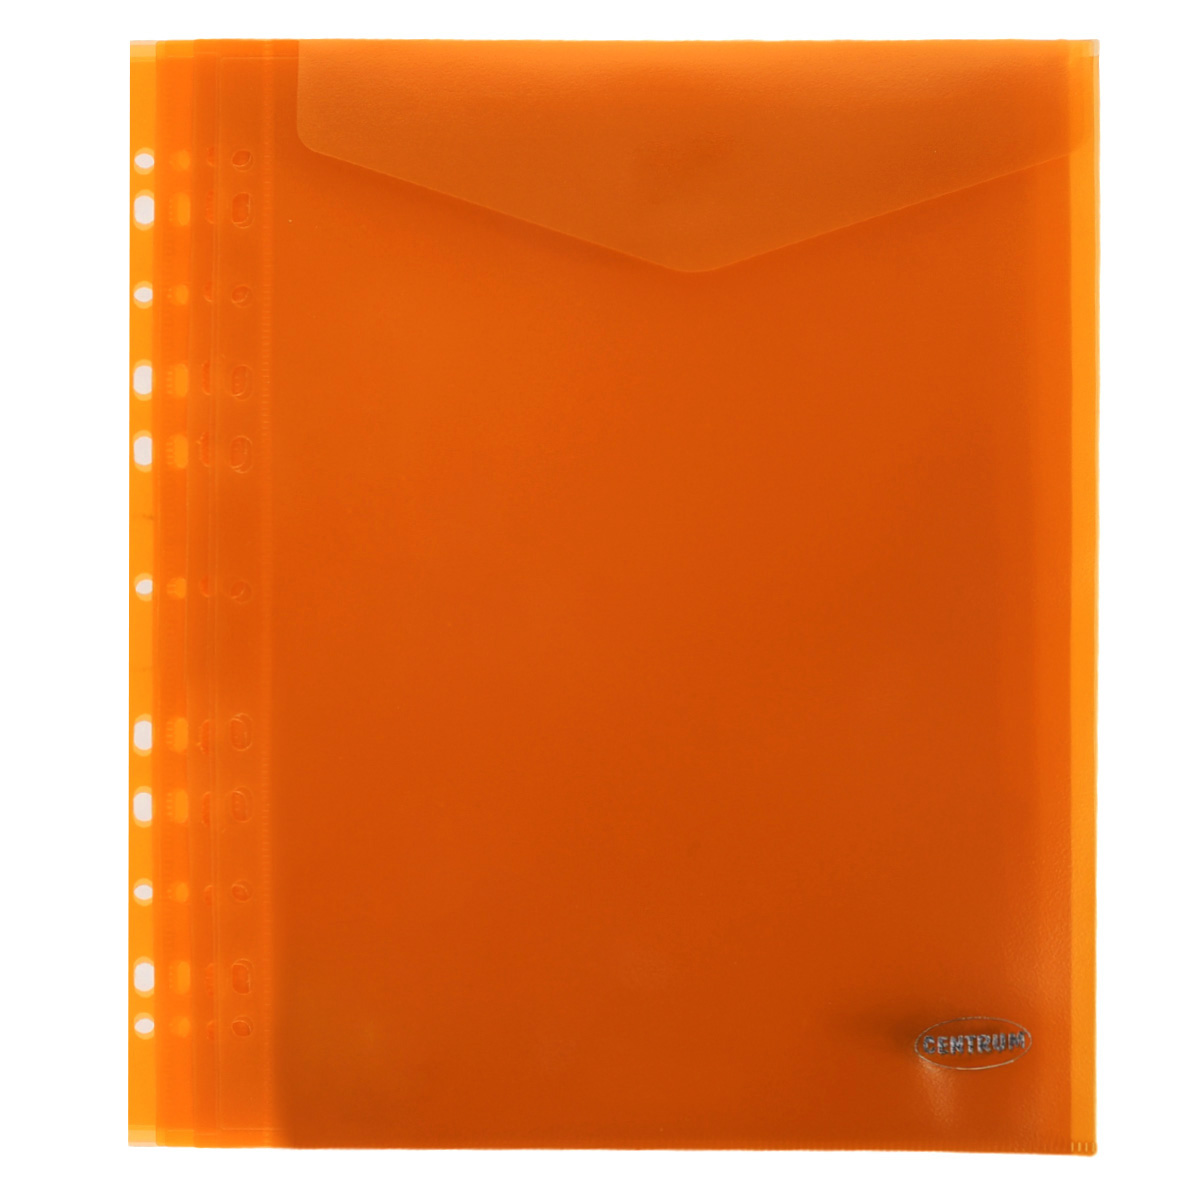 Папка-конверт Centrum, вертикальная, с перфорацией, цвет: оранжевый. Формат А4, 10 штAC-2233_серыйПапка-конверт Centrum - это удобный и практичный офисный инструмент, предназначенный для хранения и транспортировки рабочих бумаг и документов формата А4. Папка изготовлена из полупрозрачного матового пластика, имеет перфорацию. В комплект входят 10 папок формата А4. Папка-конверт - это незаменимый атрибут для студента, школьника, офисного работника. Такая папка надежно сохранит ваши документы и сбережет их от повреждений, пыли и влаги.